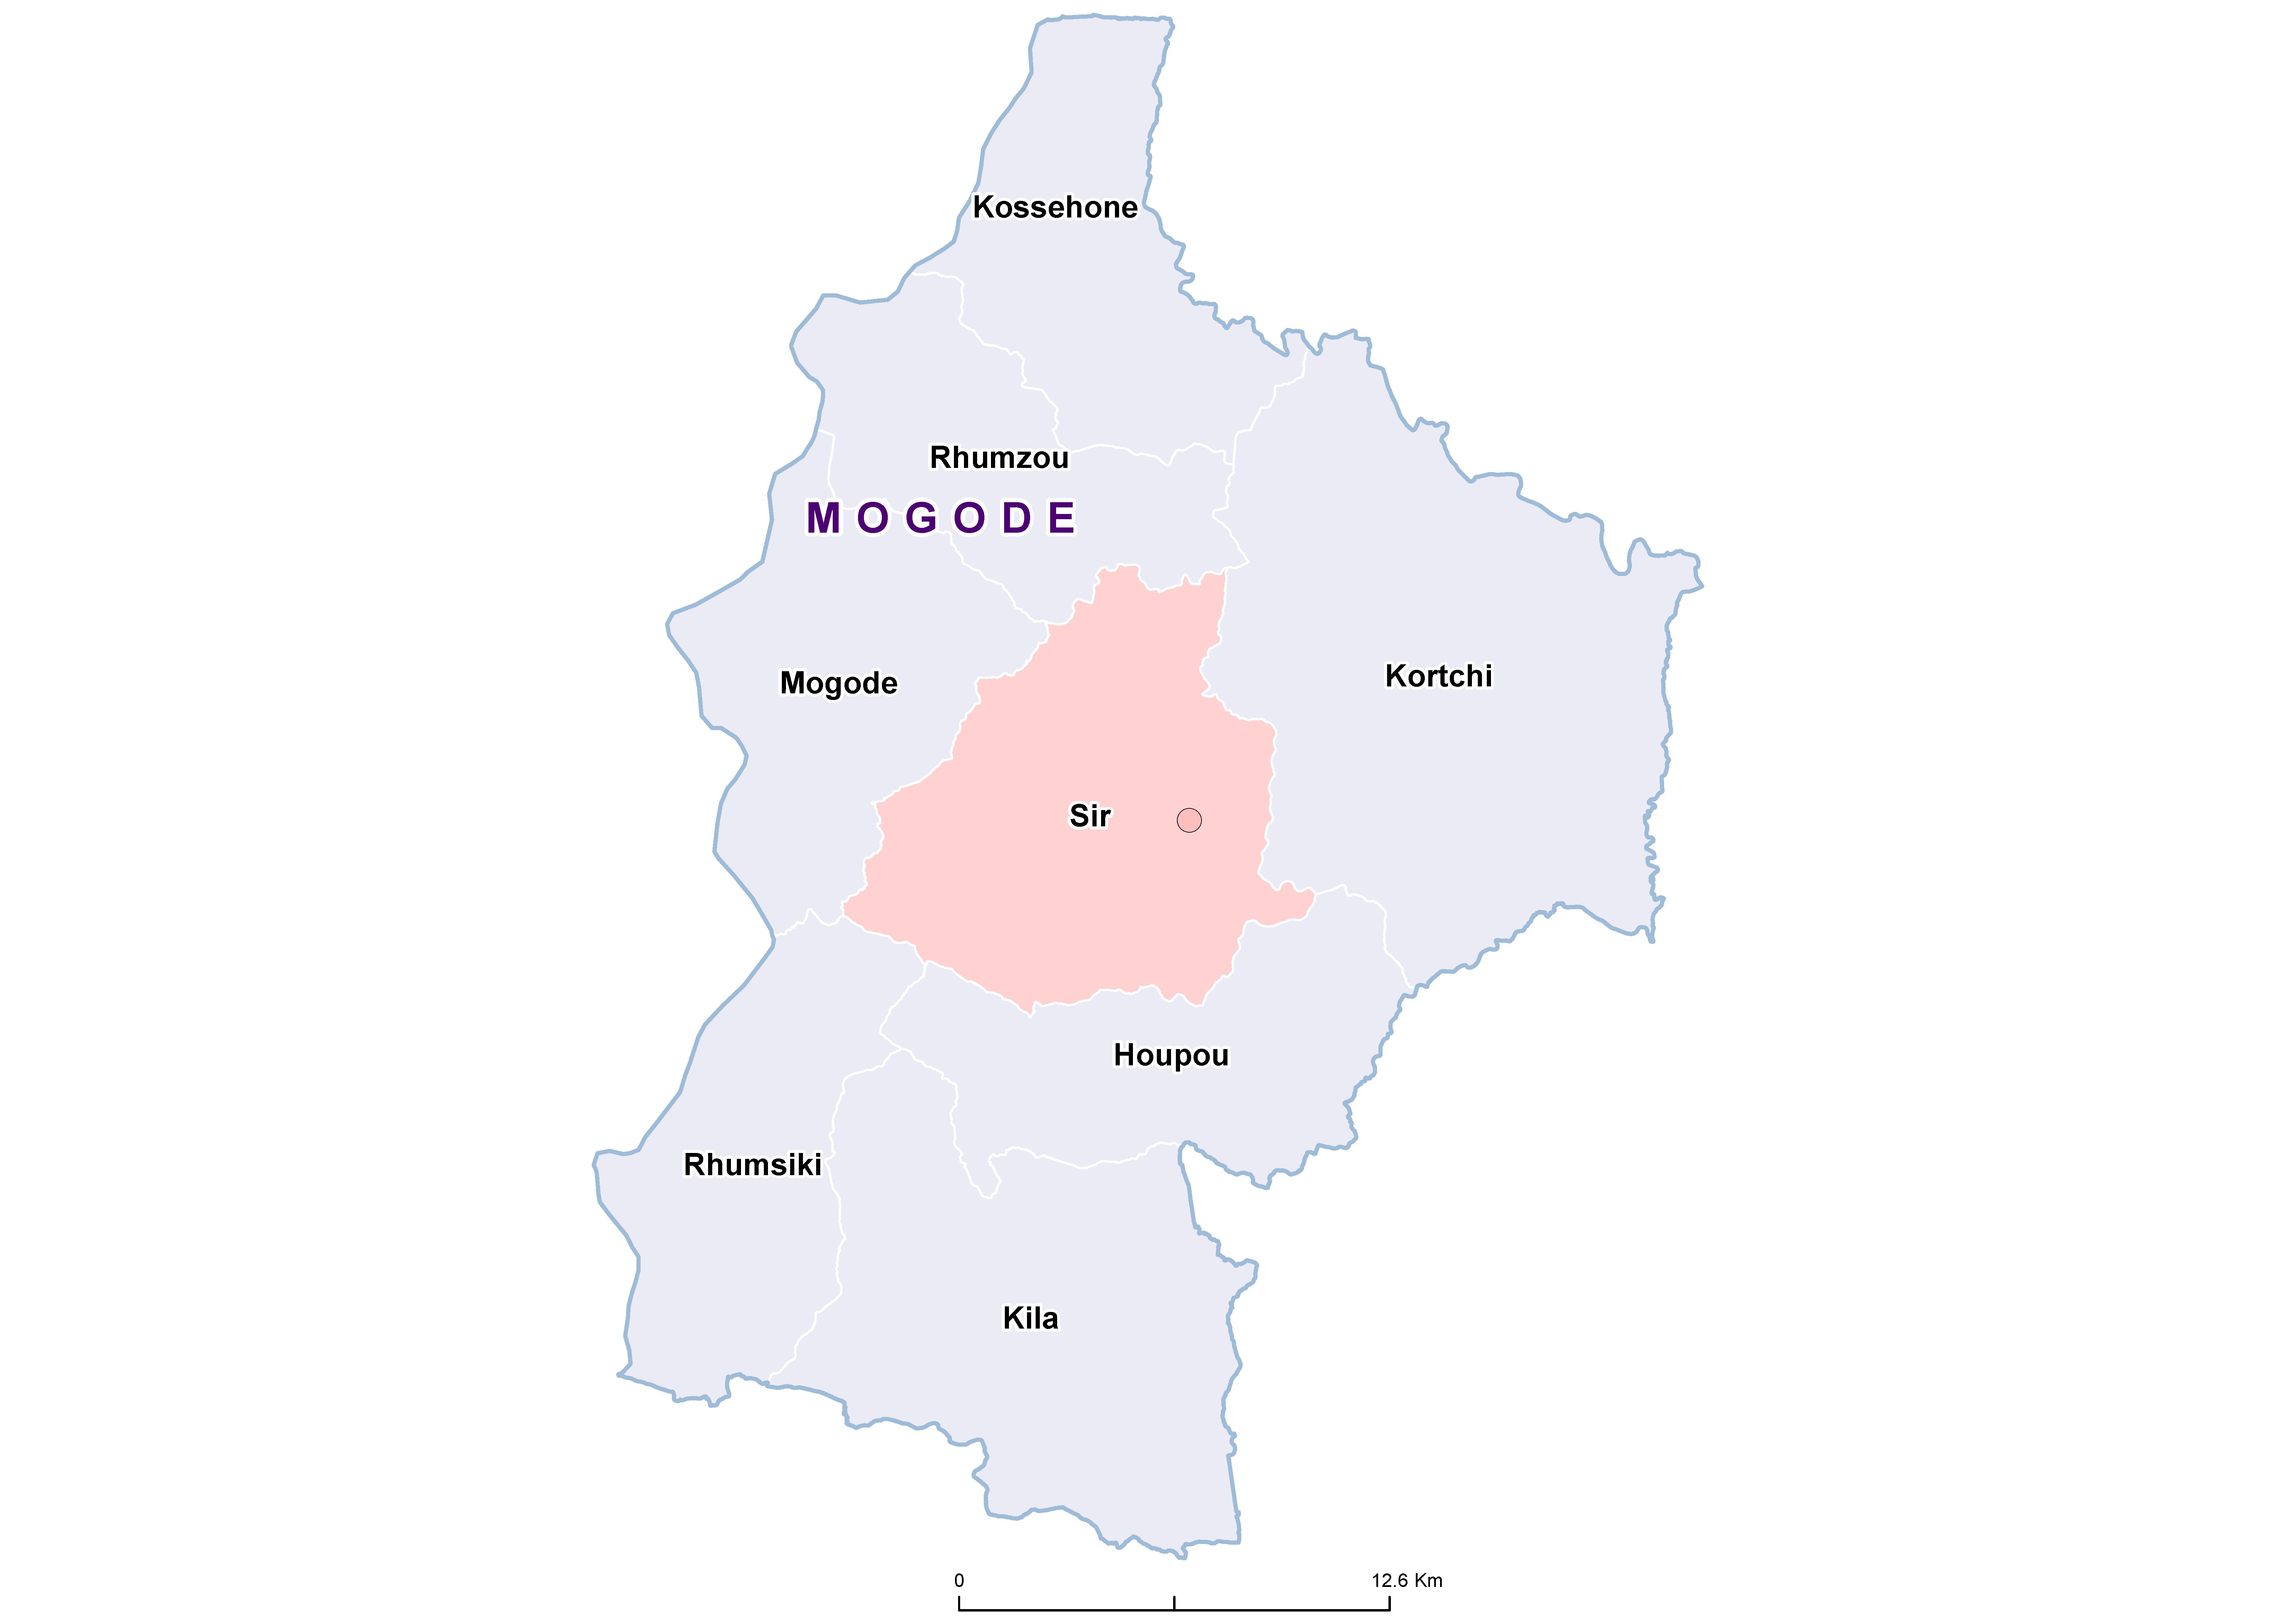 Mogode STH 19850001